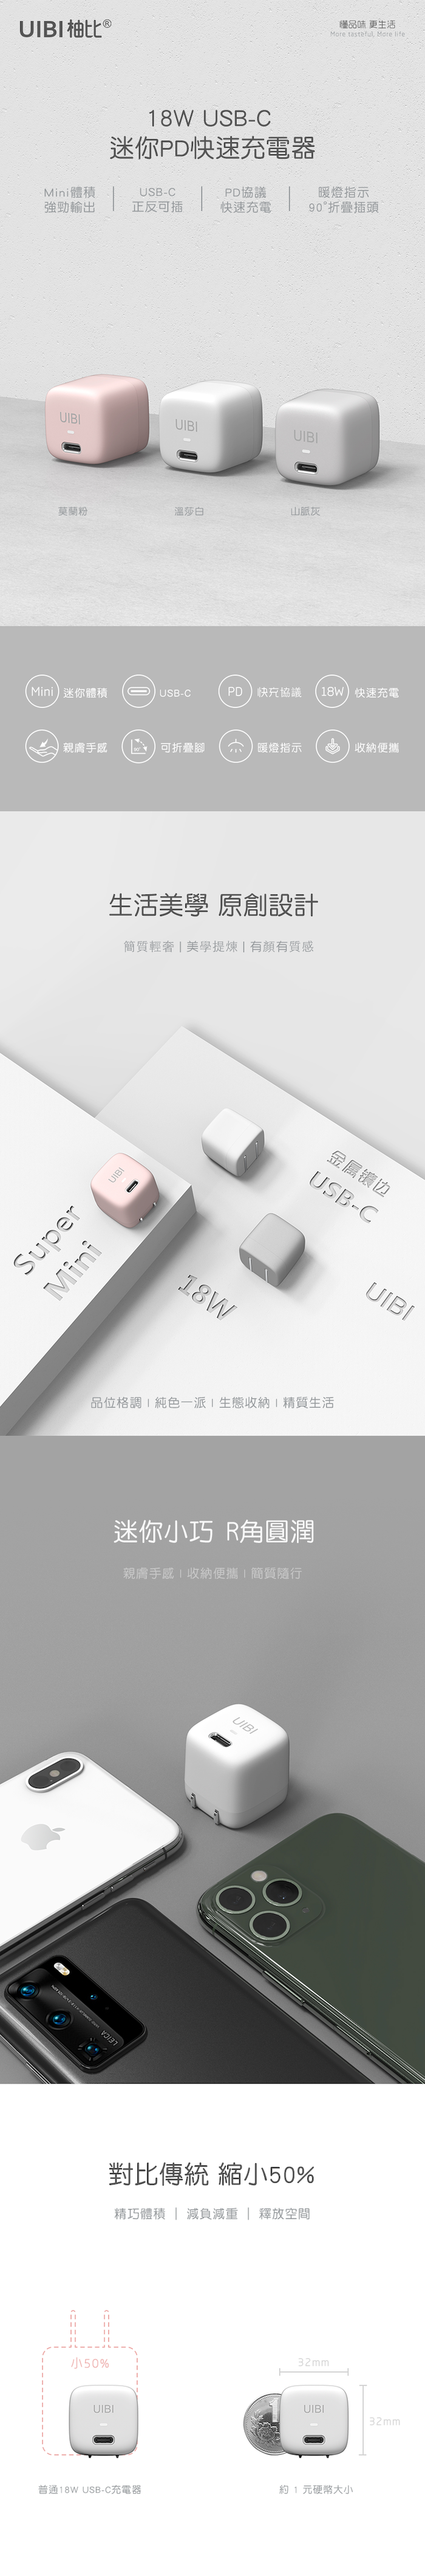 地表最美充電器 UIBI 18W 超迷你PD快充同捆包 - 莫蘭粉